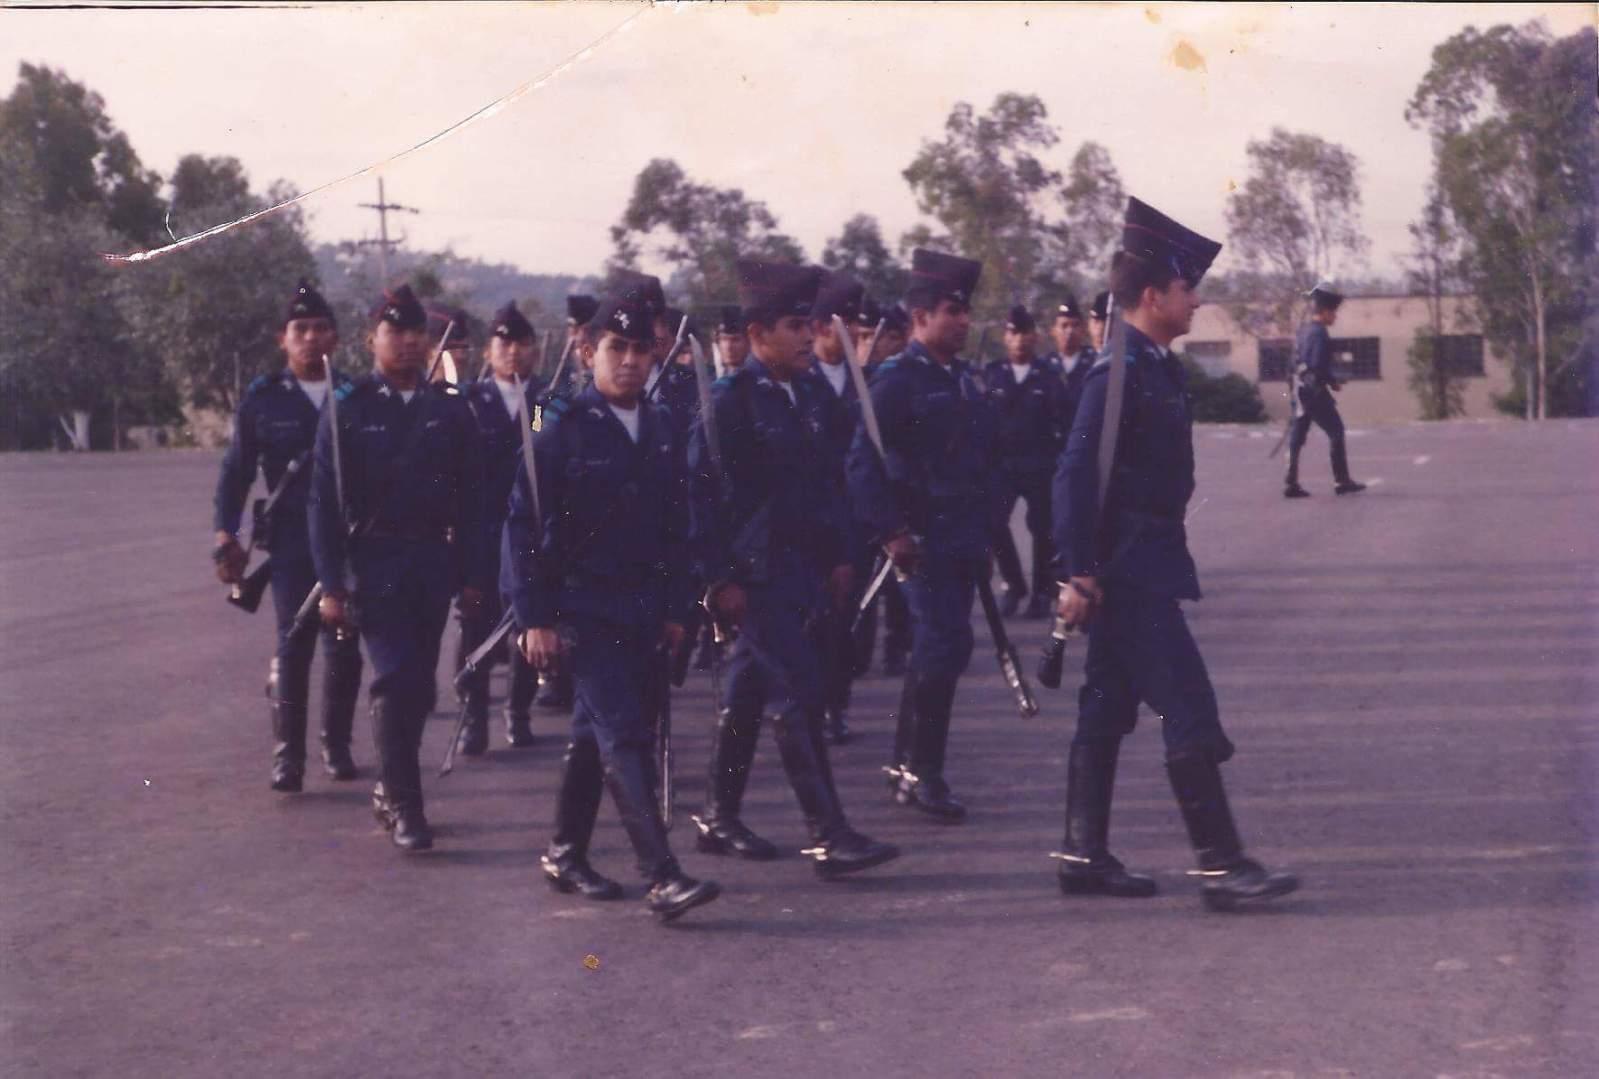 fotos vintage de las Fuerzas armadas mexicanas - Página 8 2vkkzyw